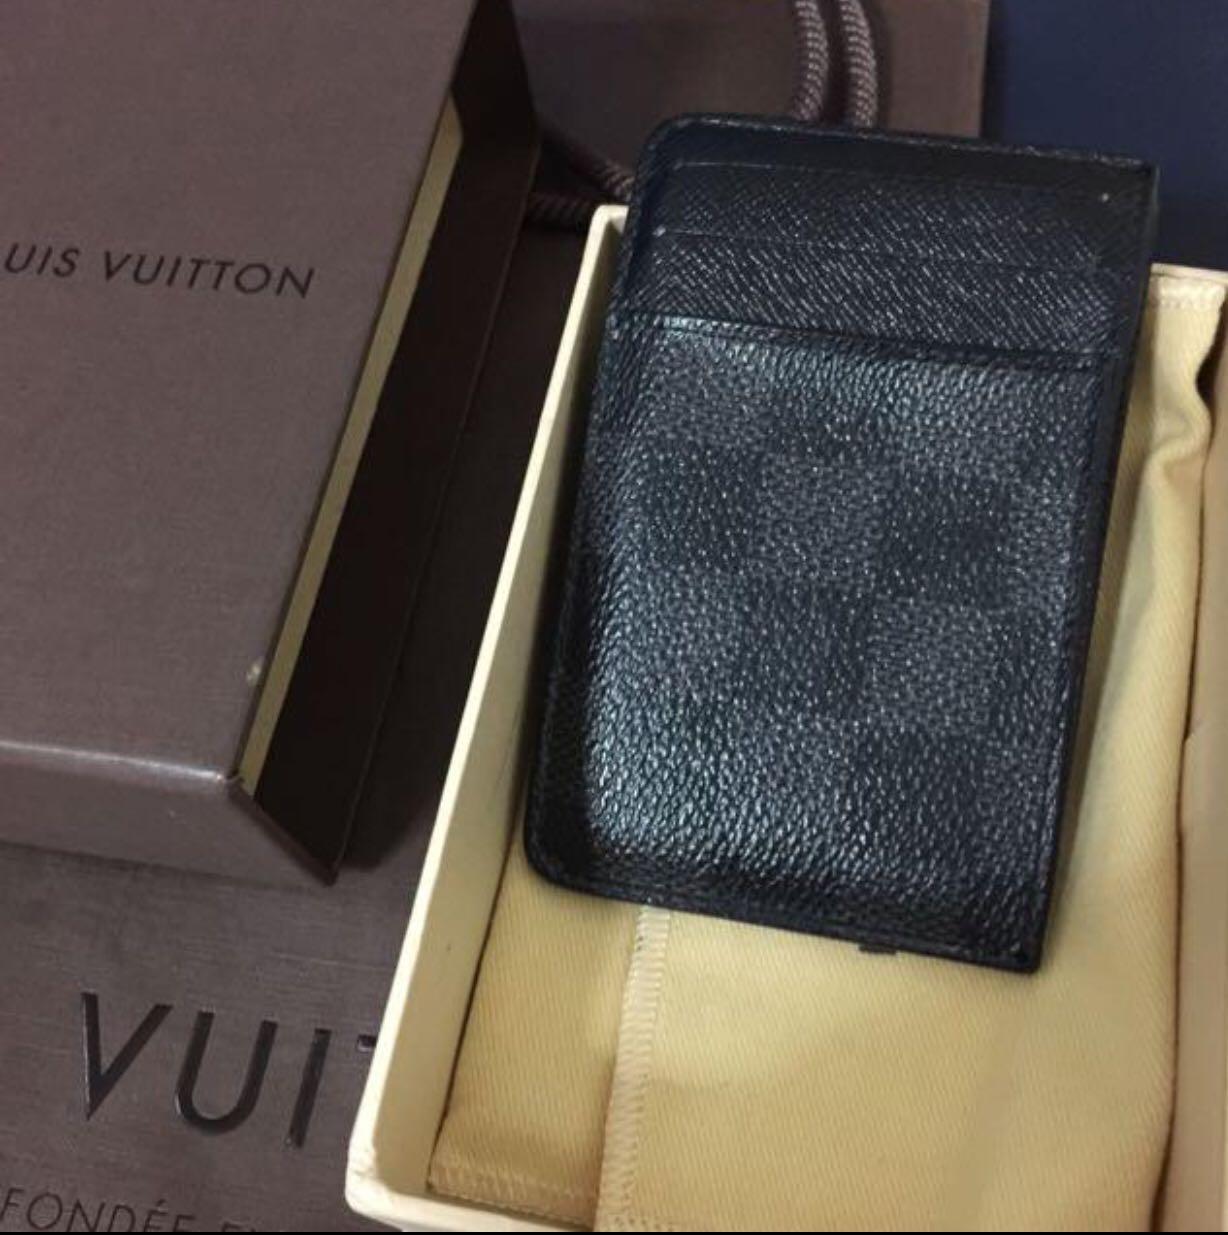 ece2c3693ec5 100% authentic Louis Vuitton Damier graphite neo Porte card holder ...